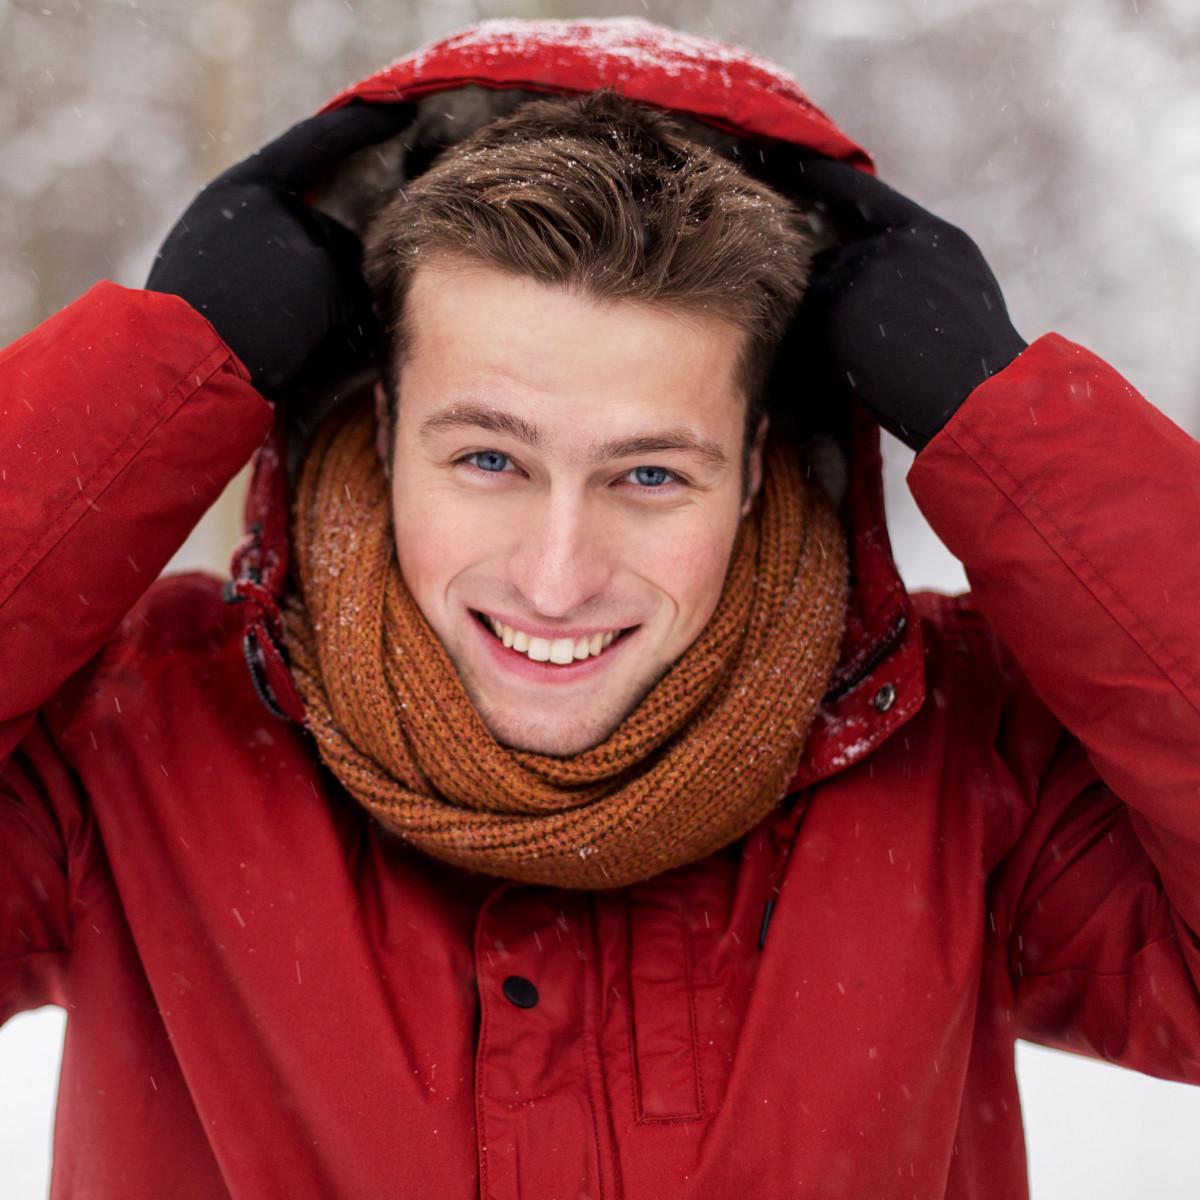 I'm a cold weather kind of person. - Ich bin ein Kaltwetter-Mensch.